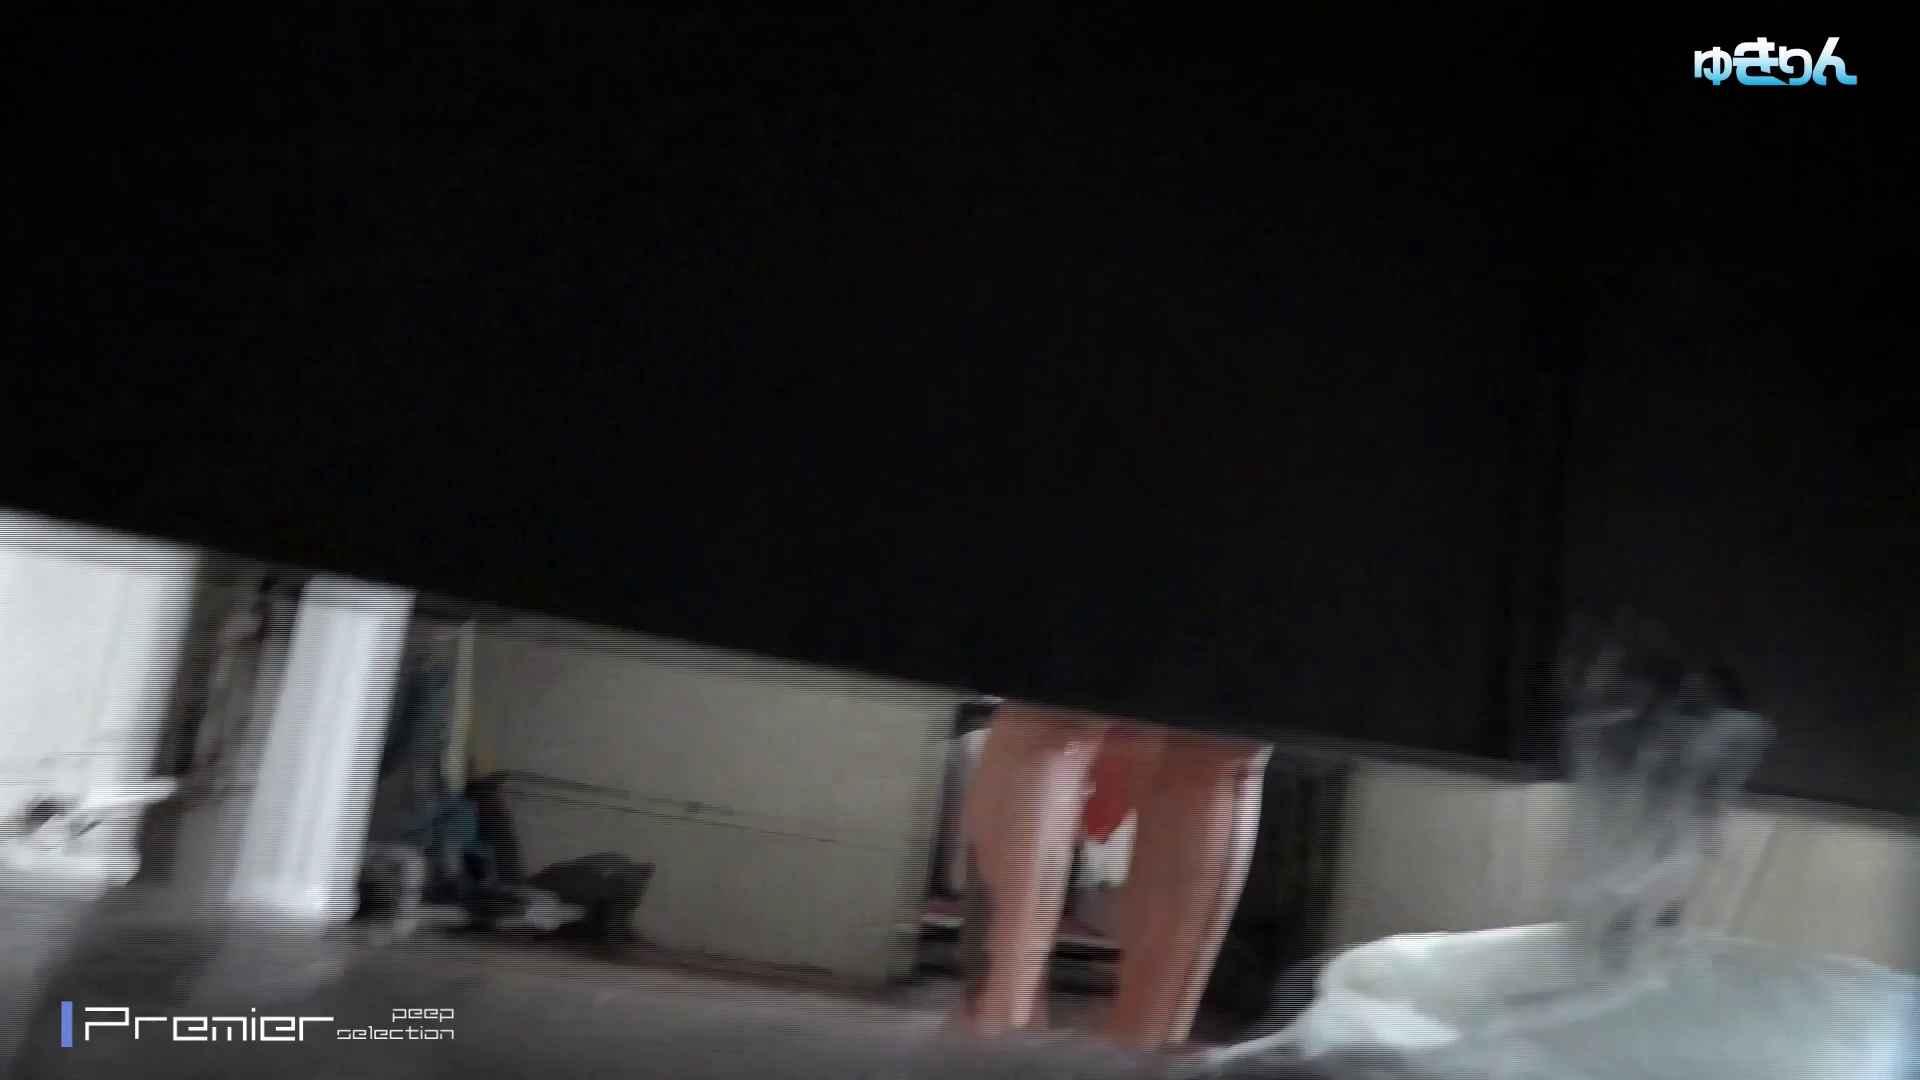 ステーション編 vol64 無料サンプルのモデル登場!最高級の美人全然違う花弁 洗面所シーン おめこ無修正動画無料 46画像 12